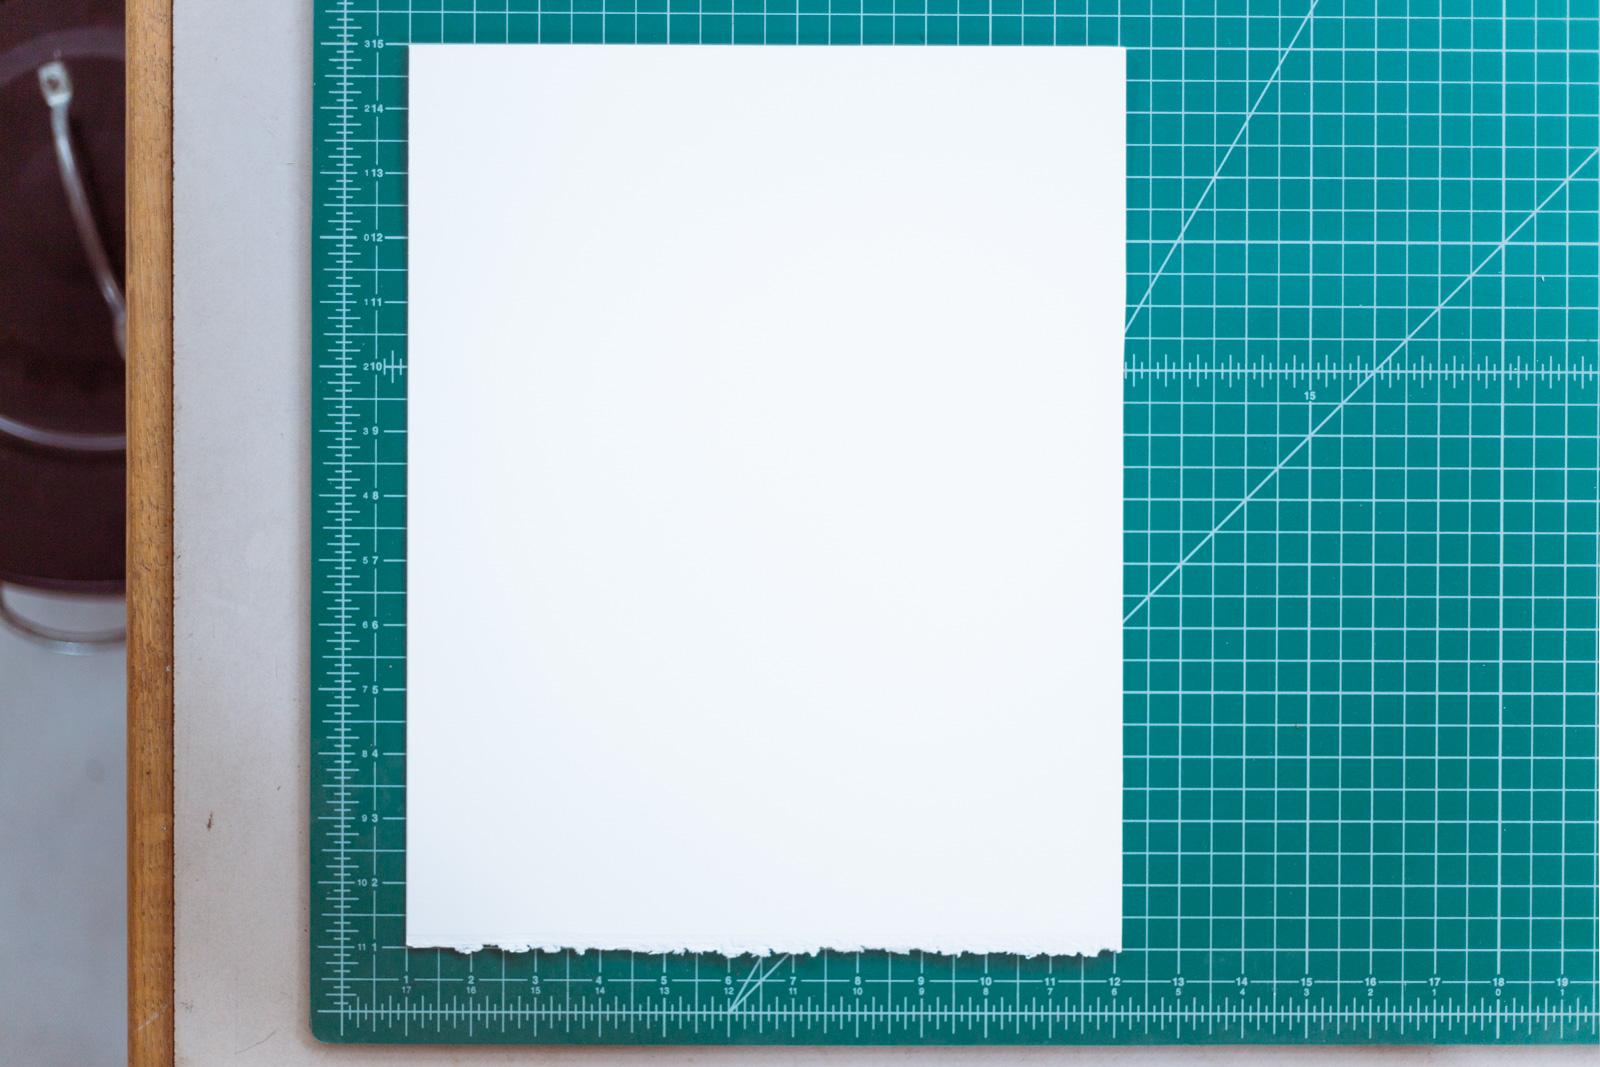 watercolor_classes_tutorial_materials_durham_nc_paper_arches_hot_press.jpg